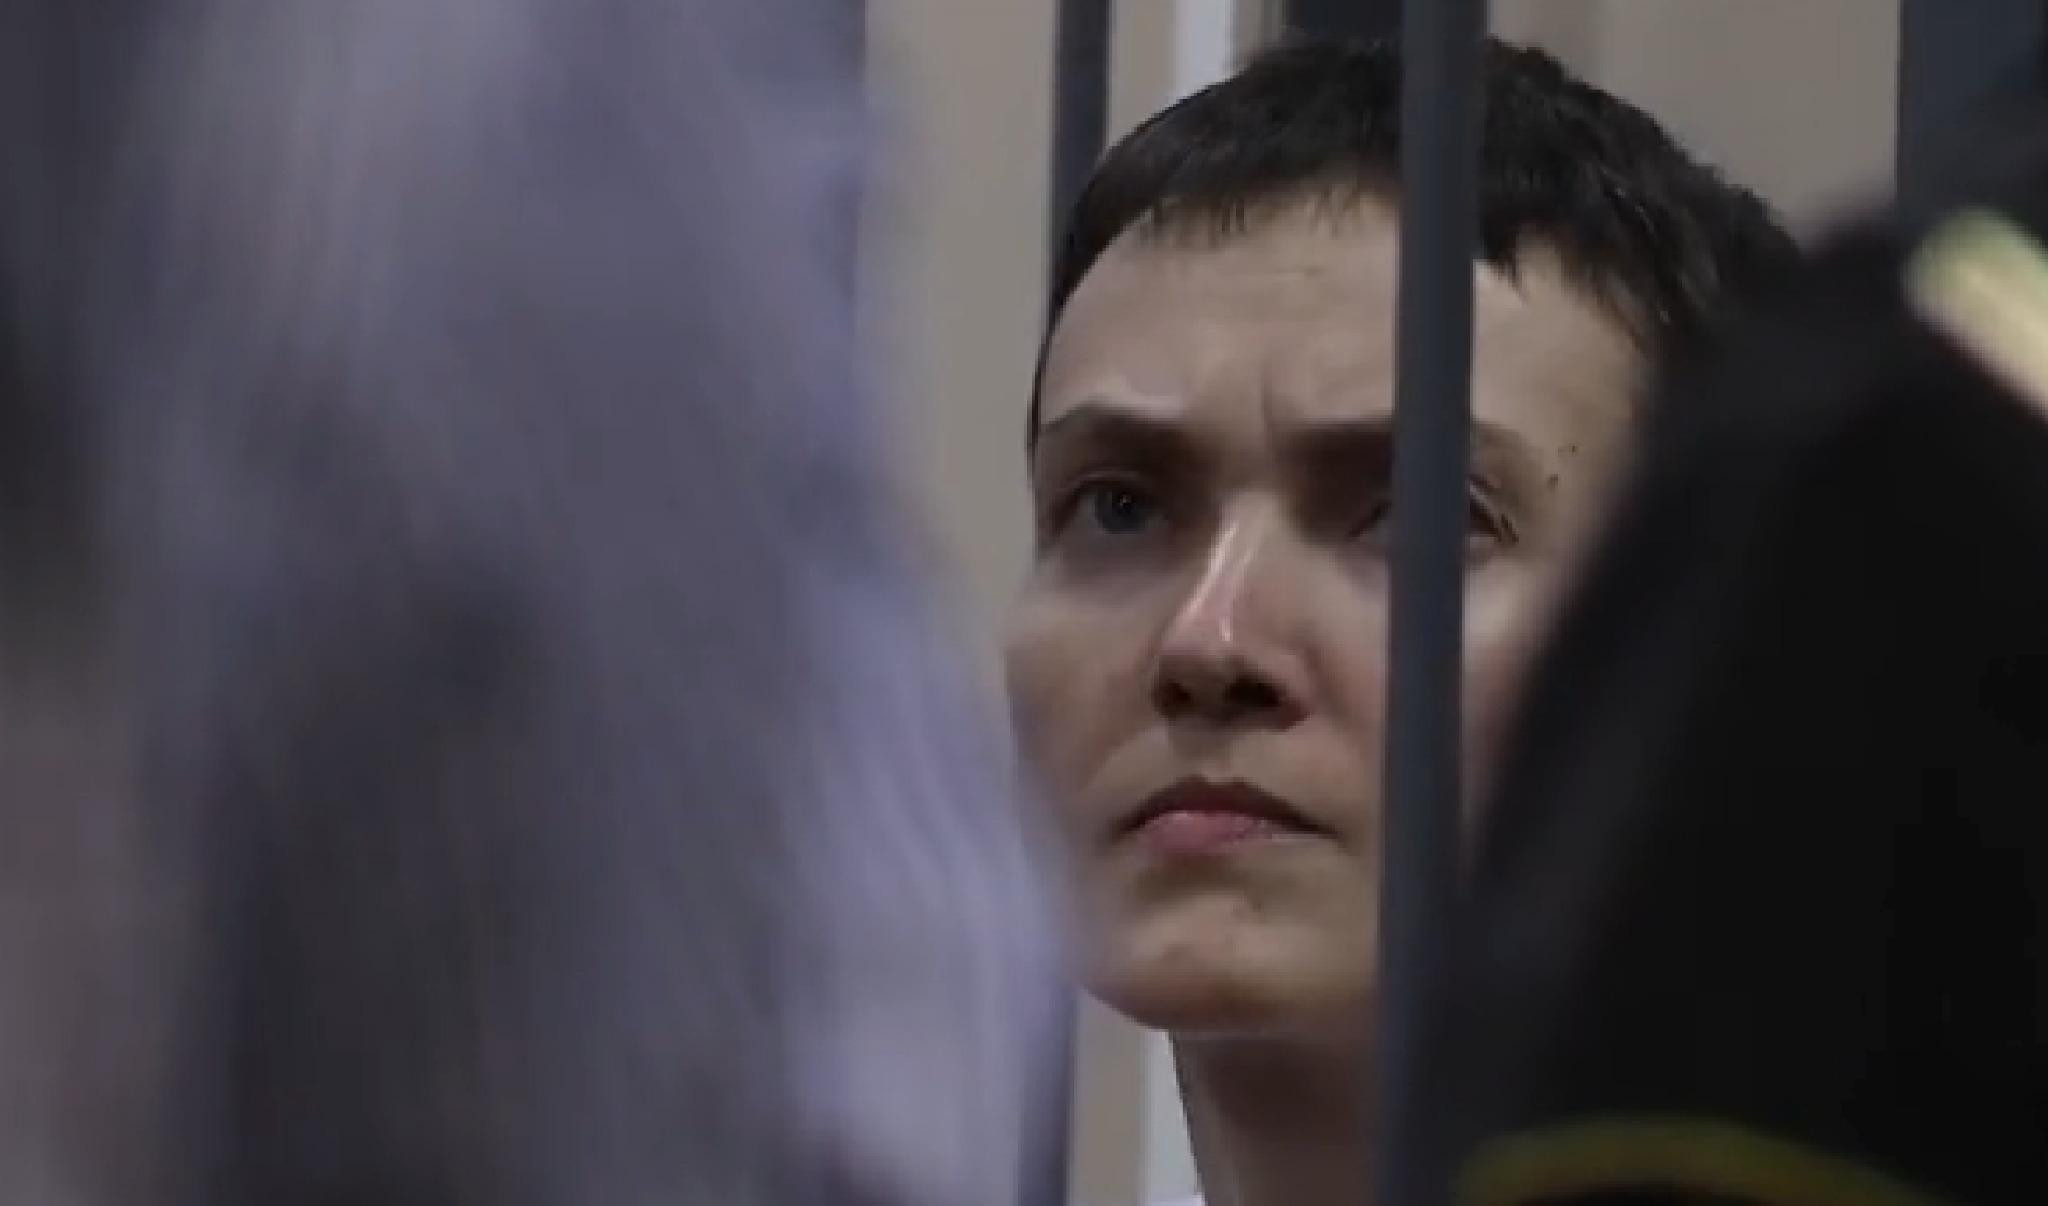 Опубликован список жертв и пострадавших во время обстрела Артемовска - Цензор.НЕТ 9922